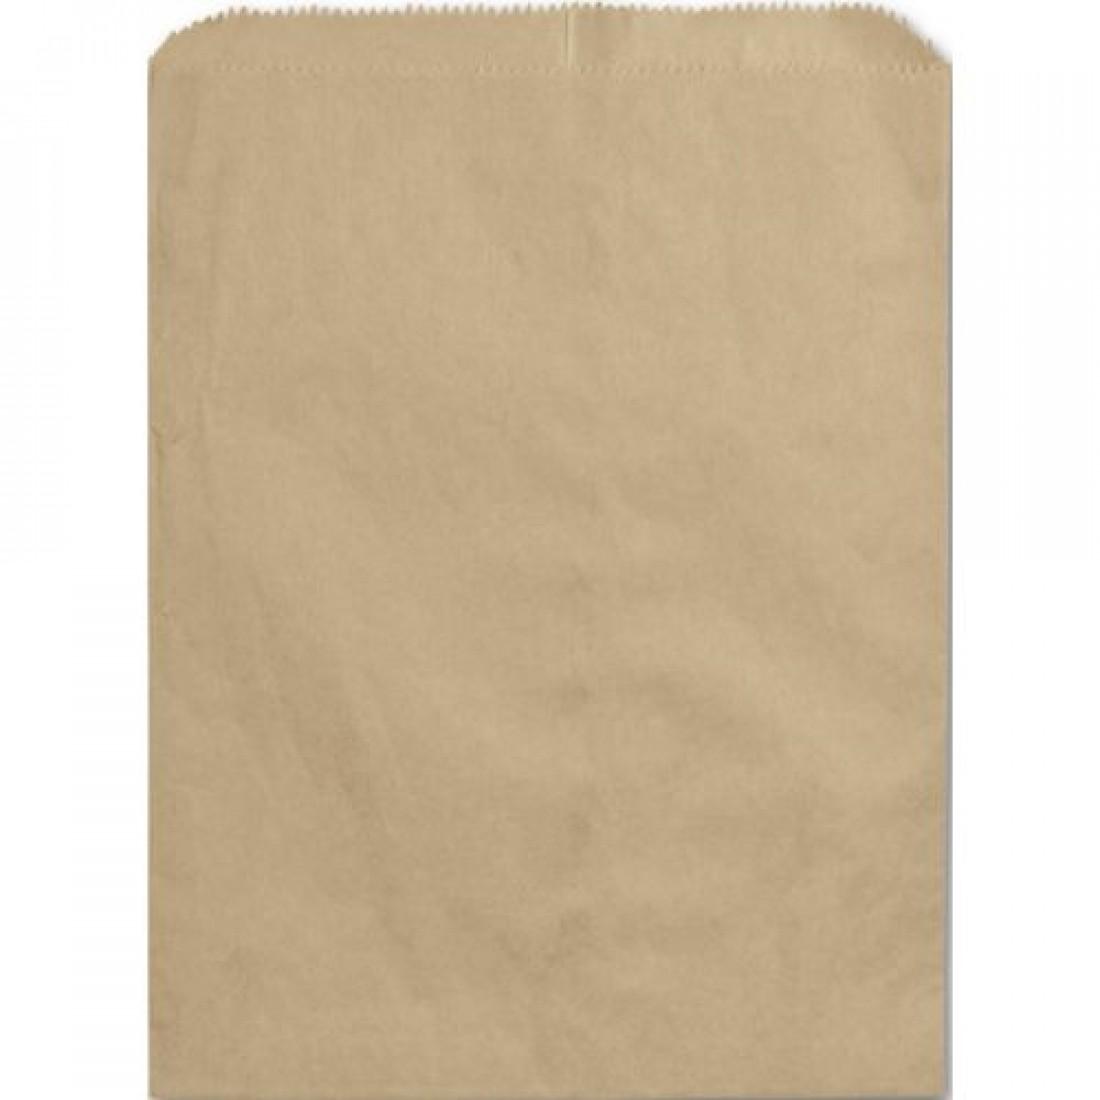 Kraft Paper Merch Bag 8.5x11